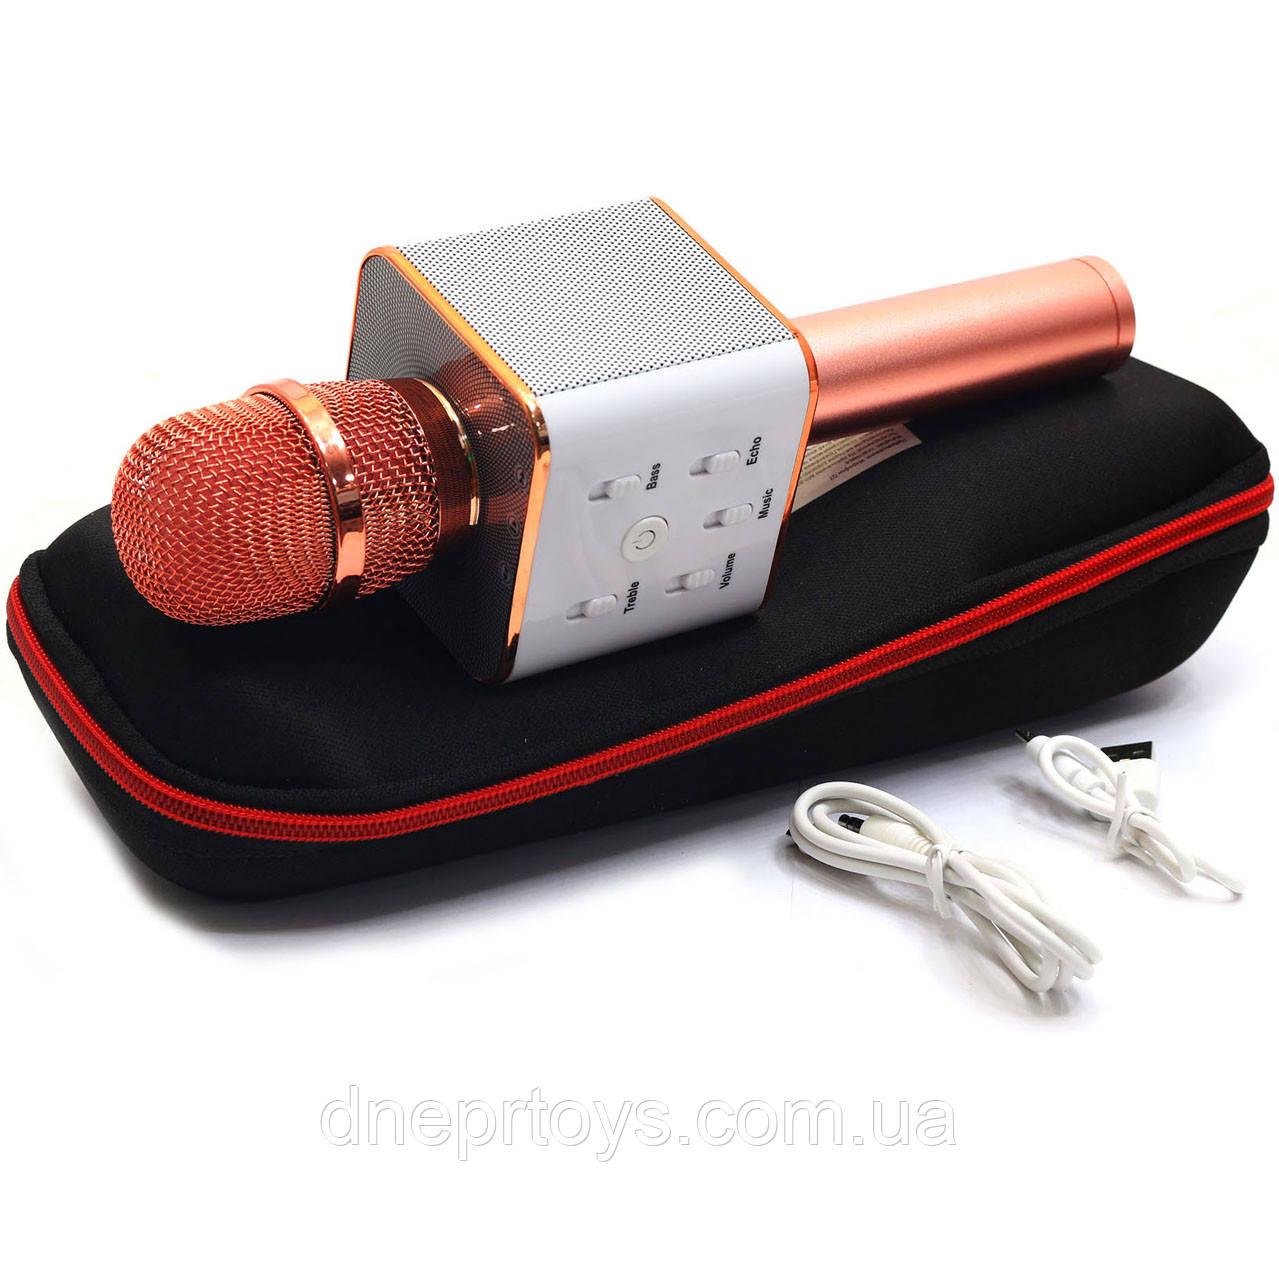 Беспроводной портативный микрофон-колонка для караоке с чехлом Розовое золото (Q7)